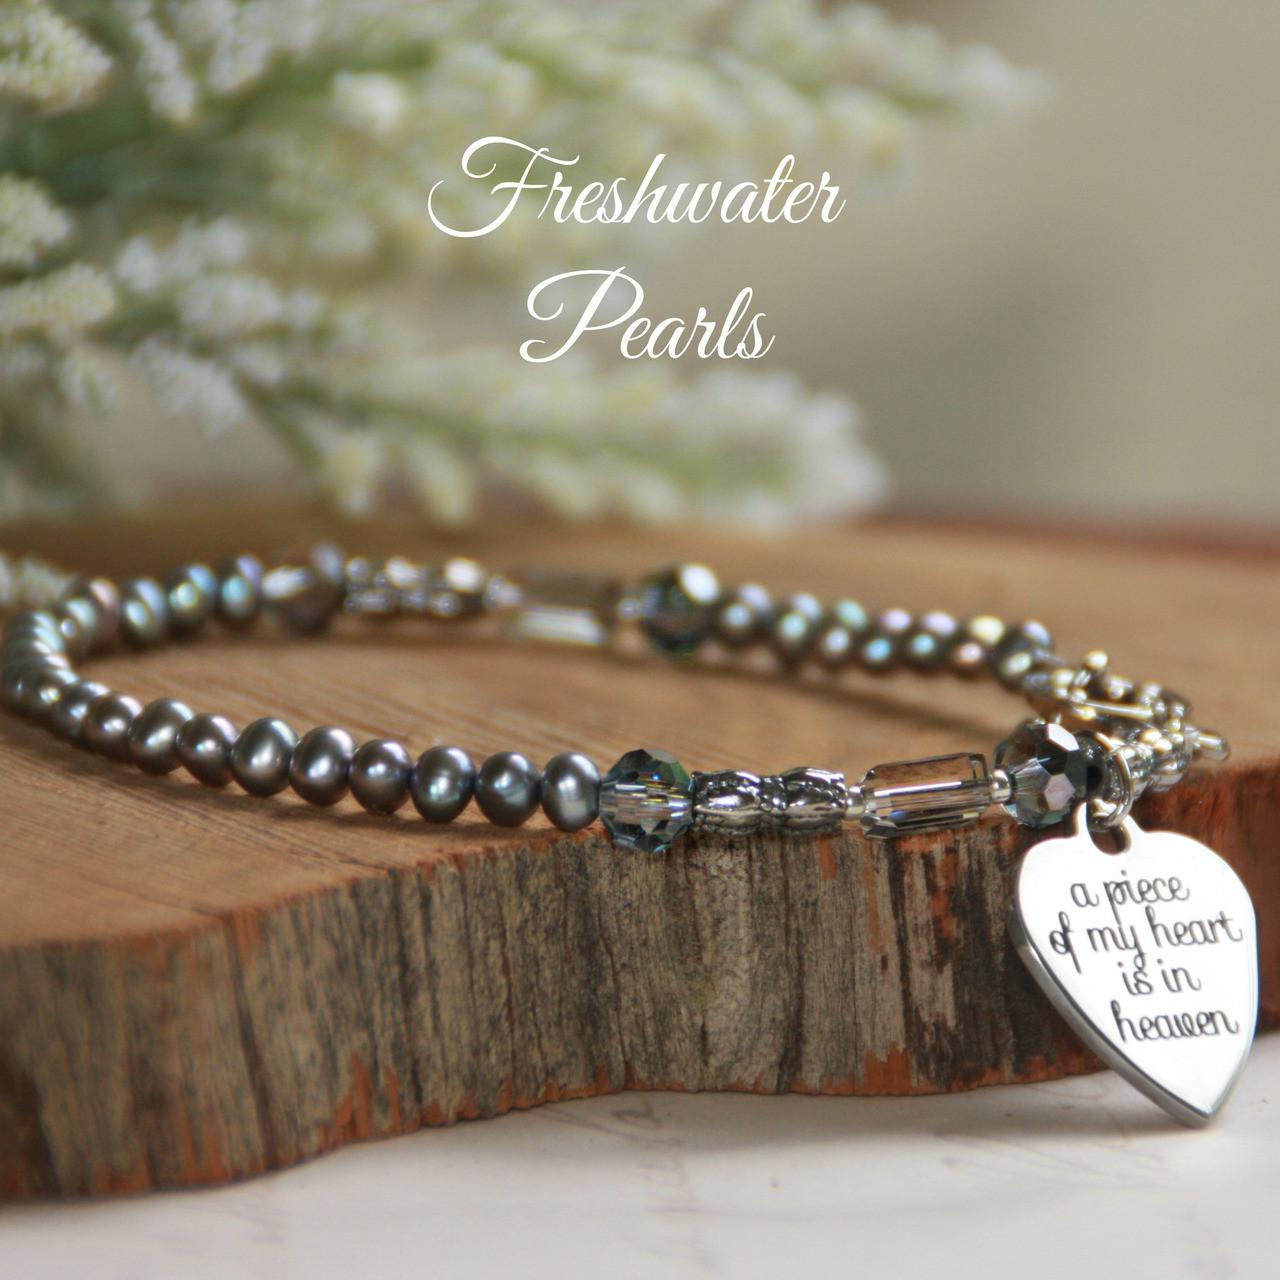 IN-188  A piece of my Heart is in Heaven Bracelet